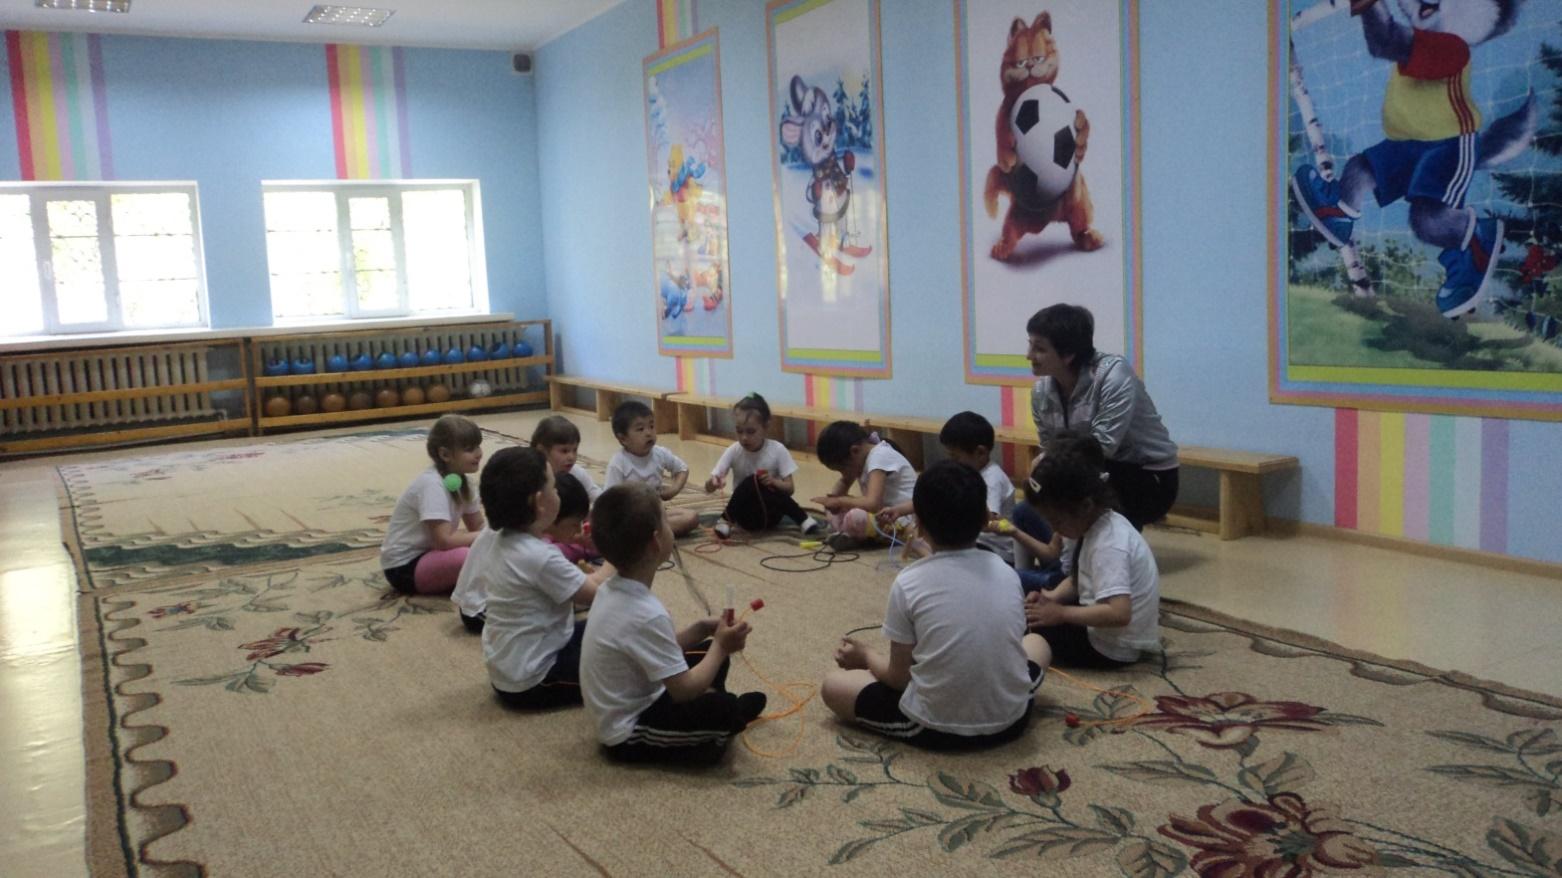 Описание: D:\Михална\Pictures\занятия, открытые просмотры\итоговые занятия 2012г\DSC03795.JPG